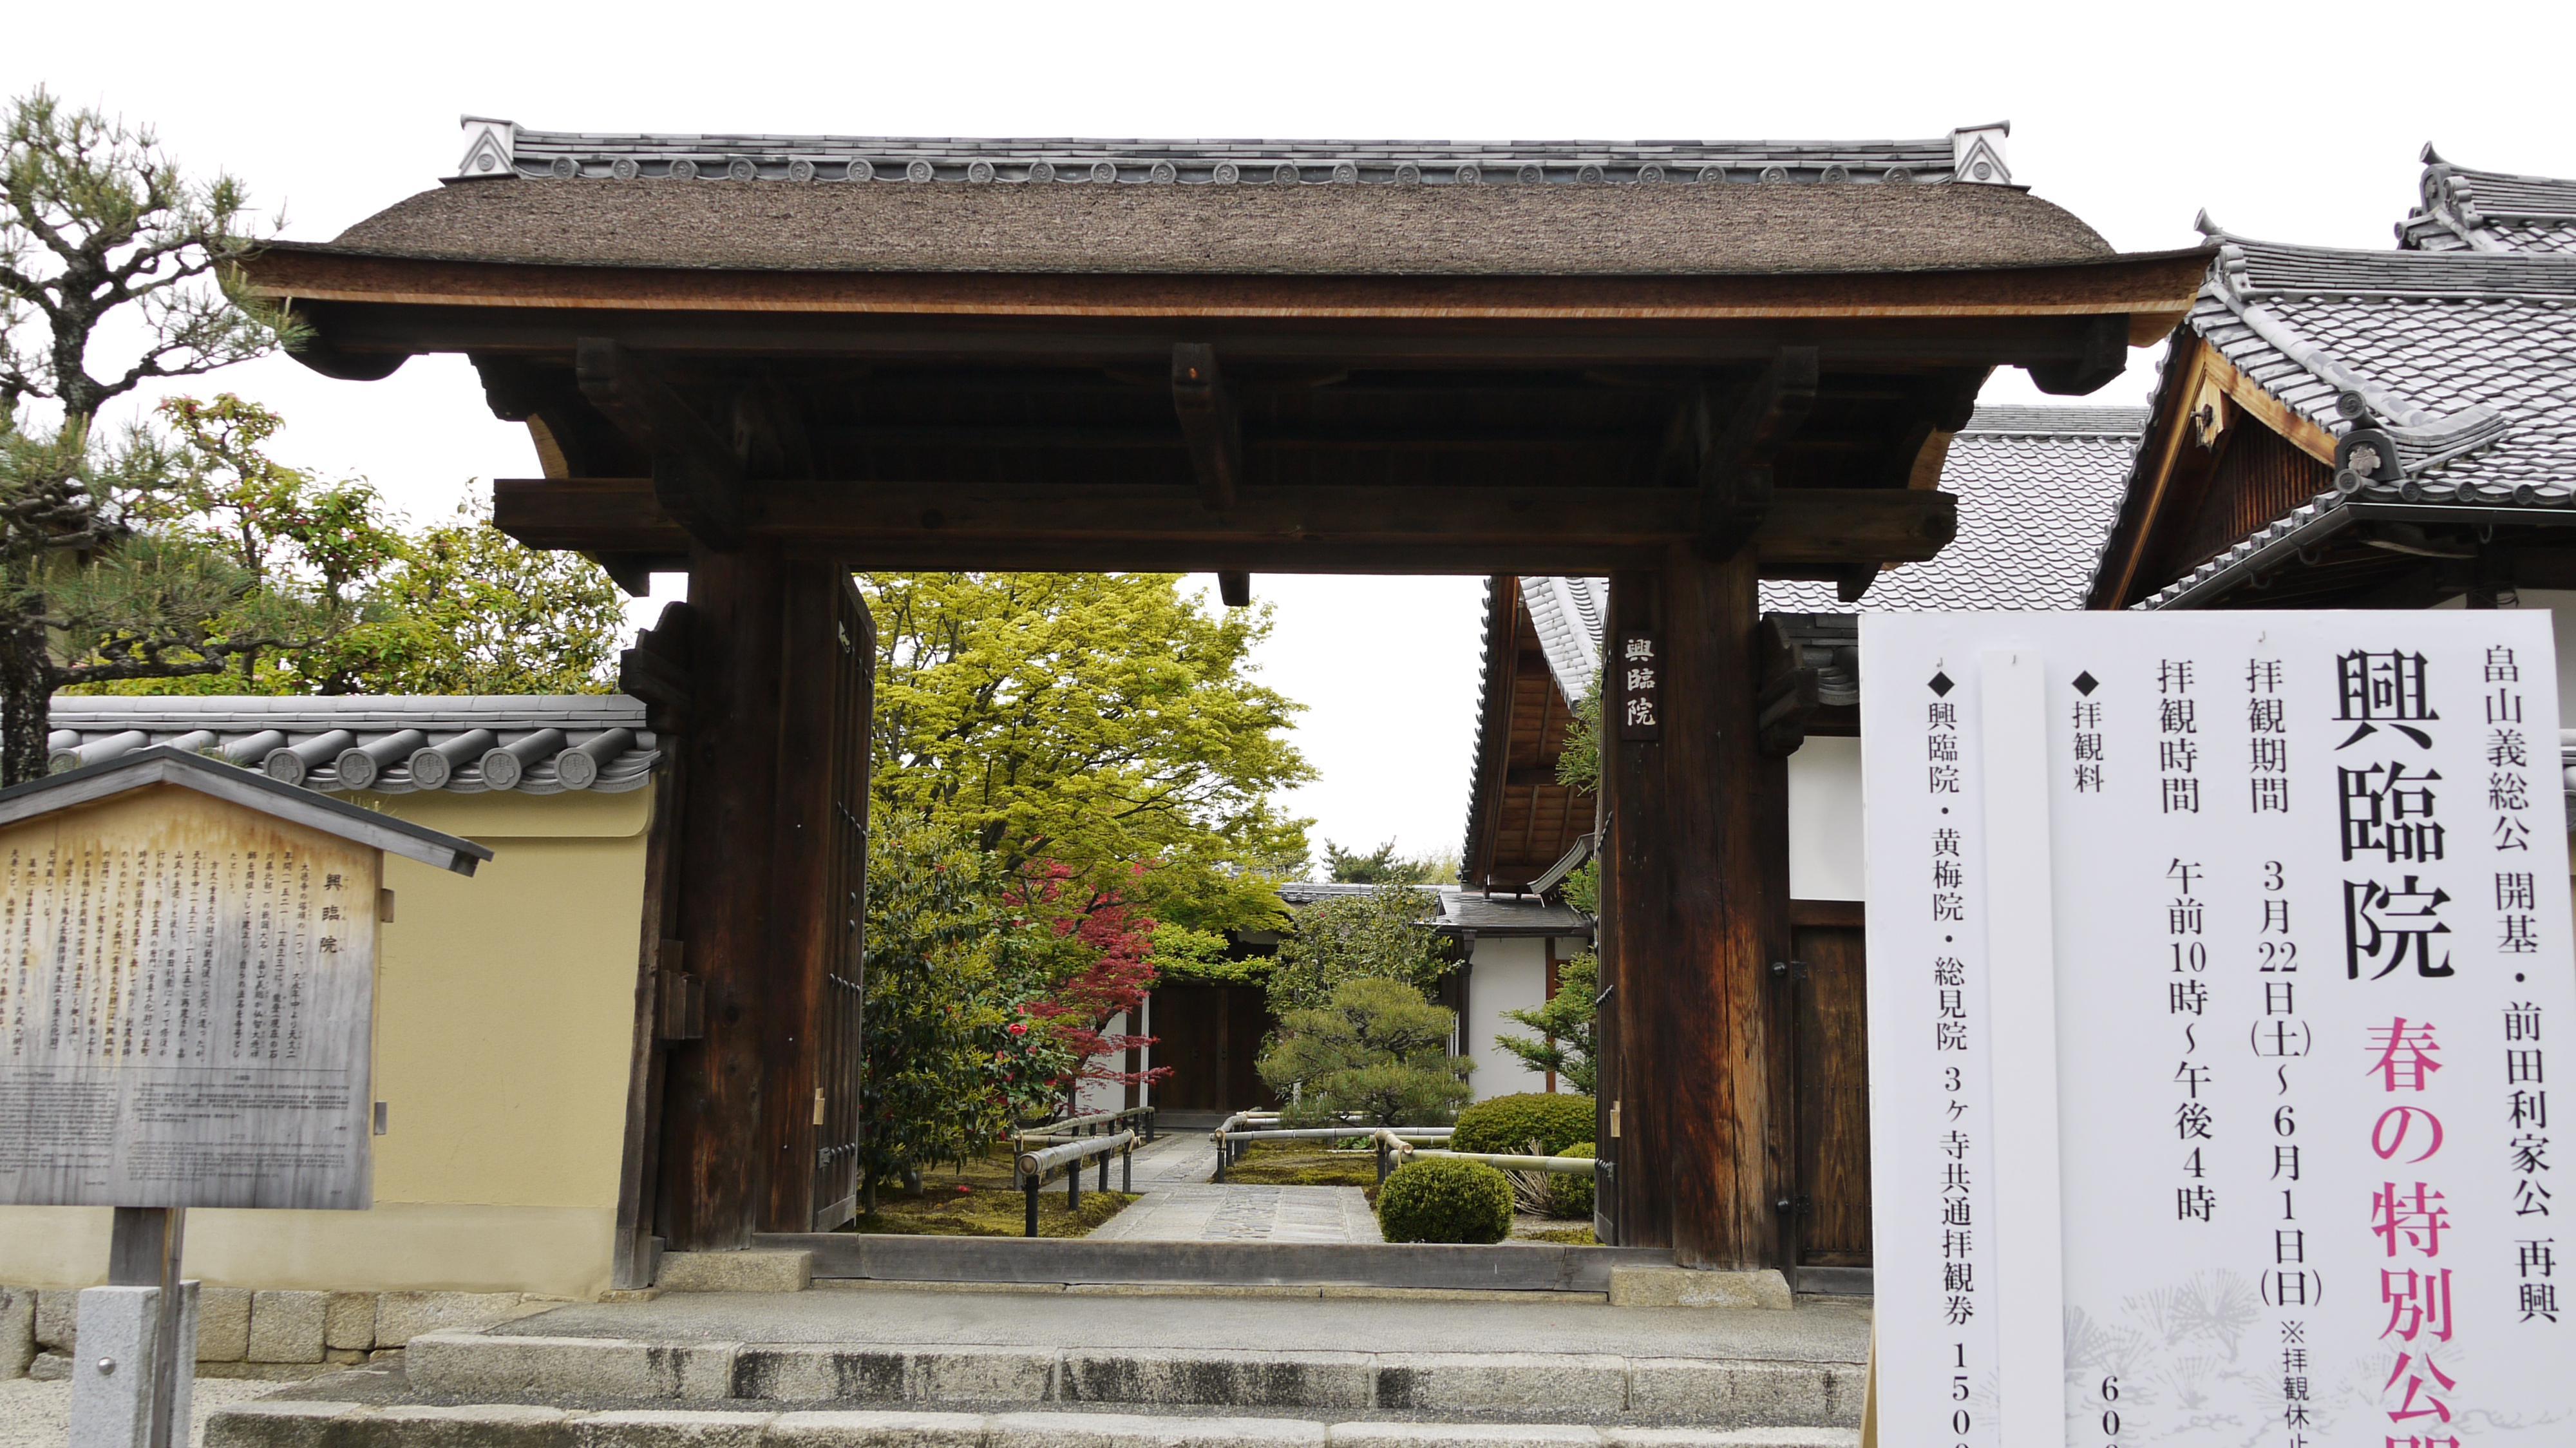 大徳寺の山門(京都府北大路駅)